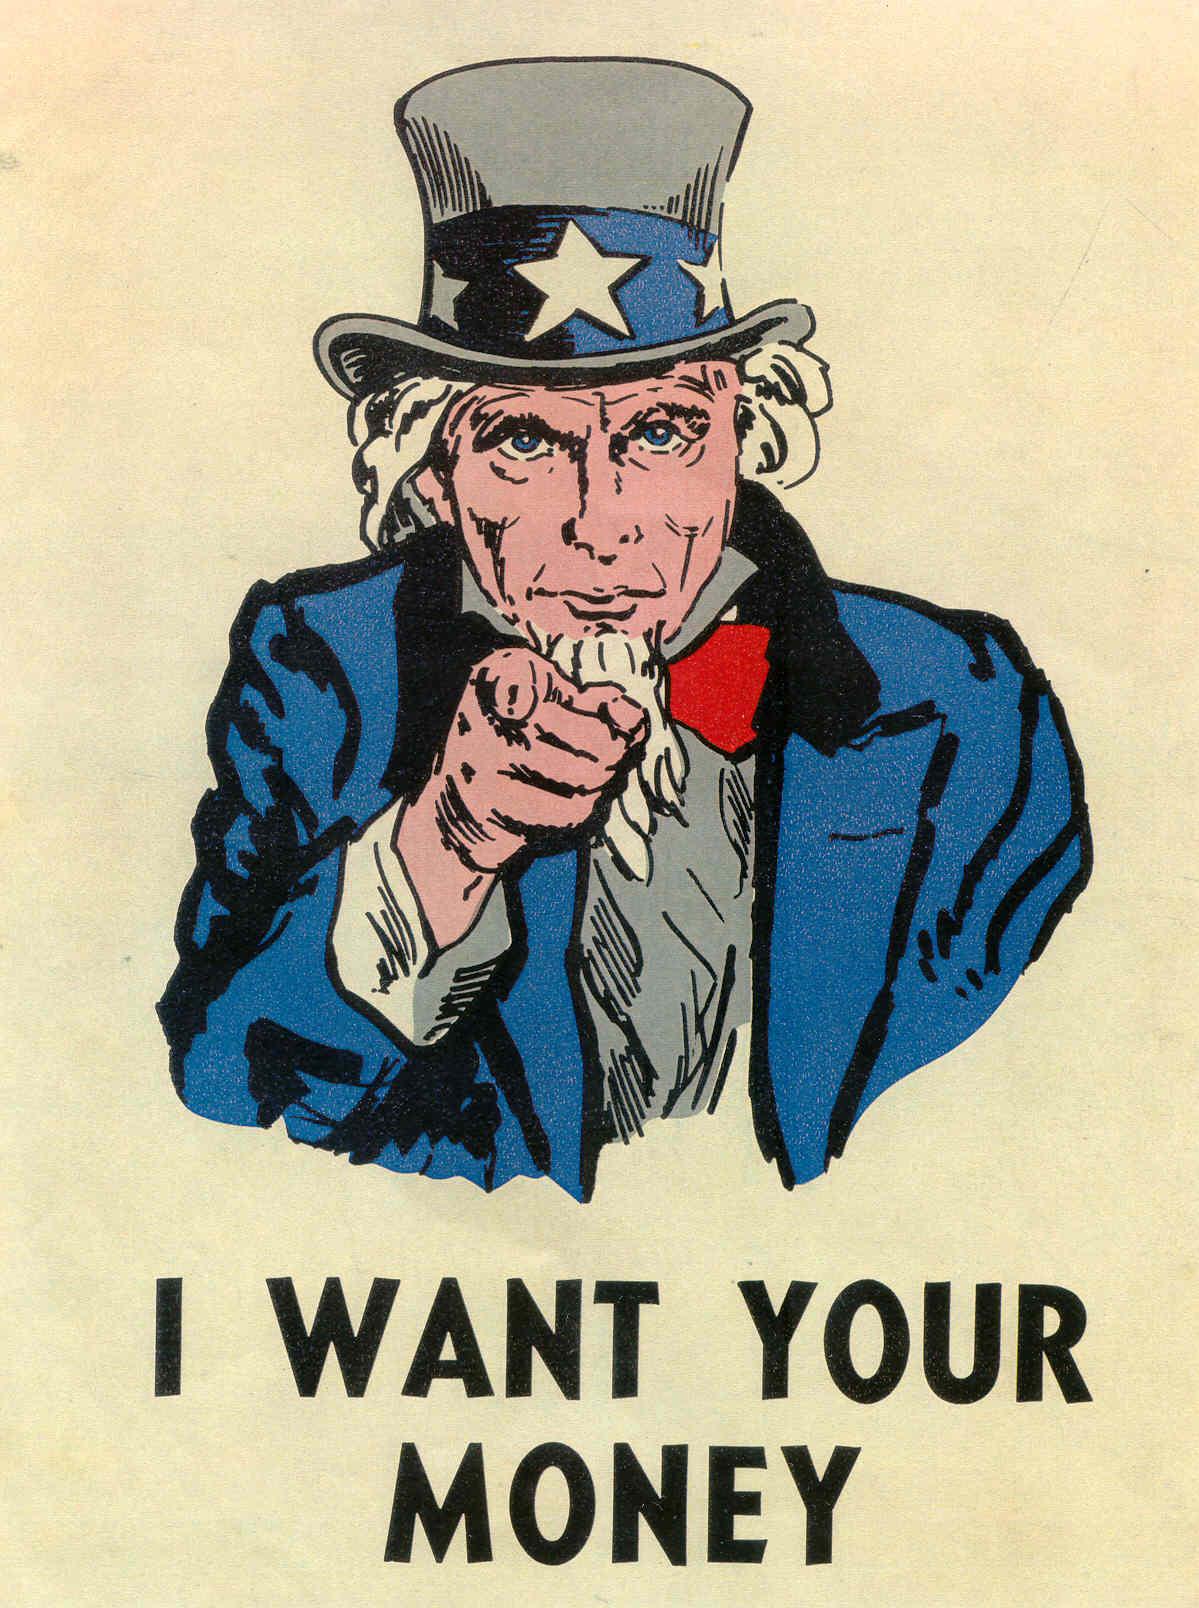 Voglio i tuoi soldi I want your money foto